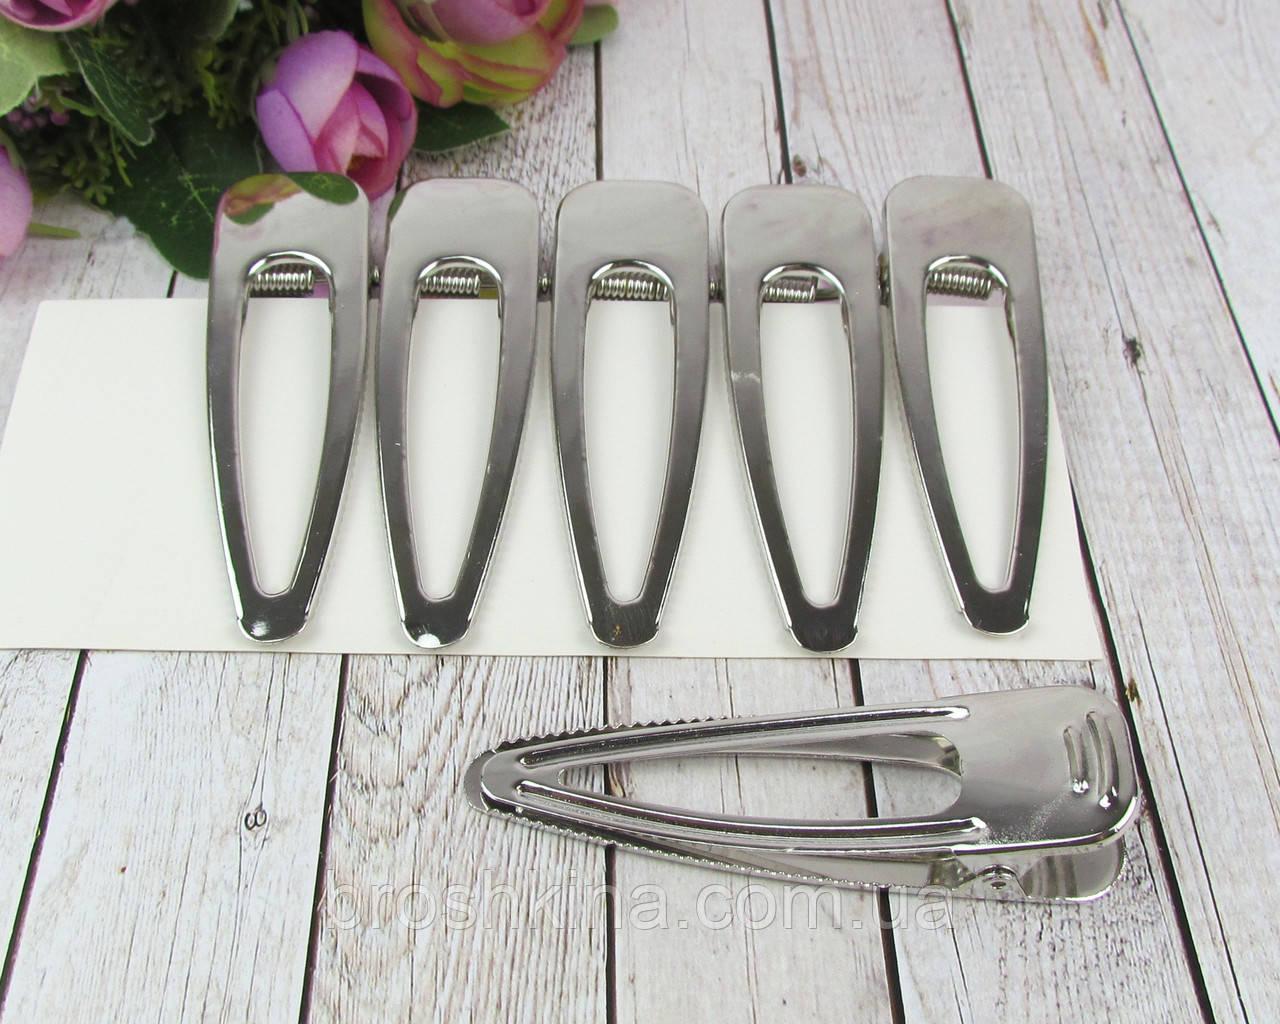 Заколки уточки для волос 8 см металл серебристые 6 шт/уп.